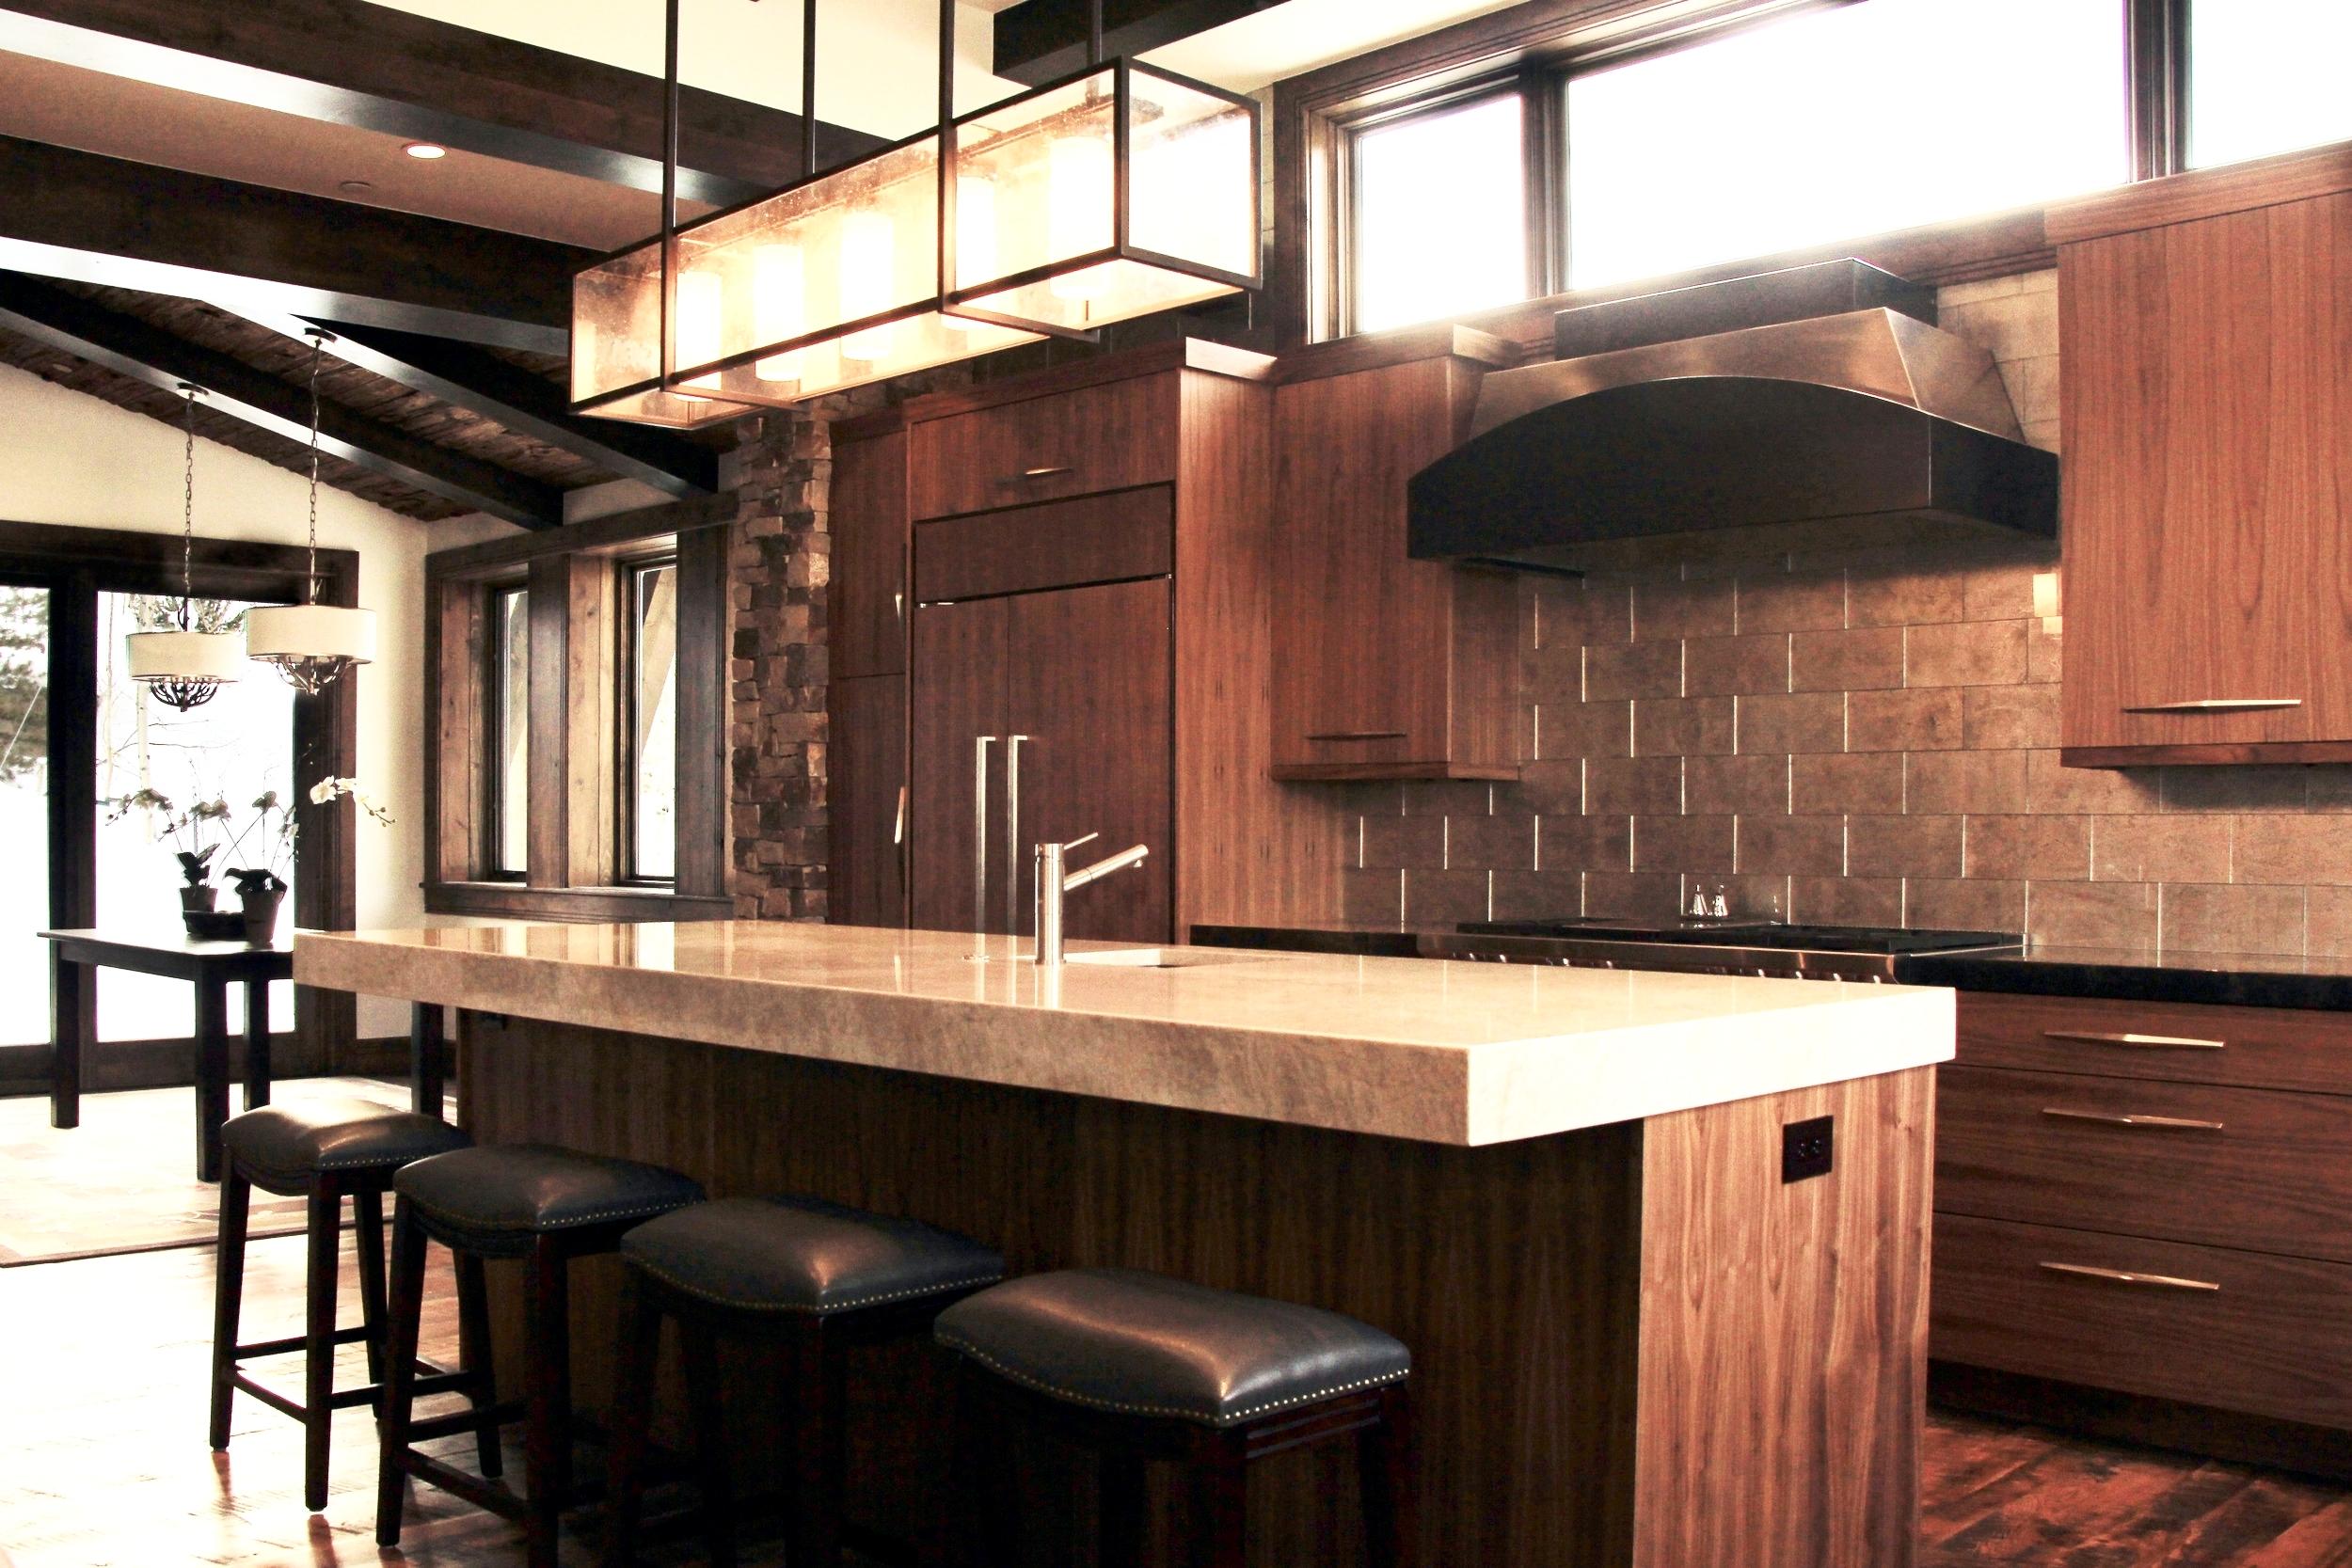 snowberry west.kitchen.2.jpg